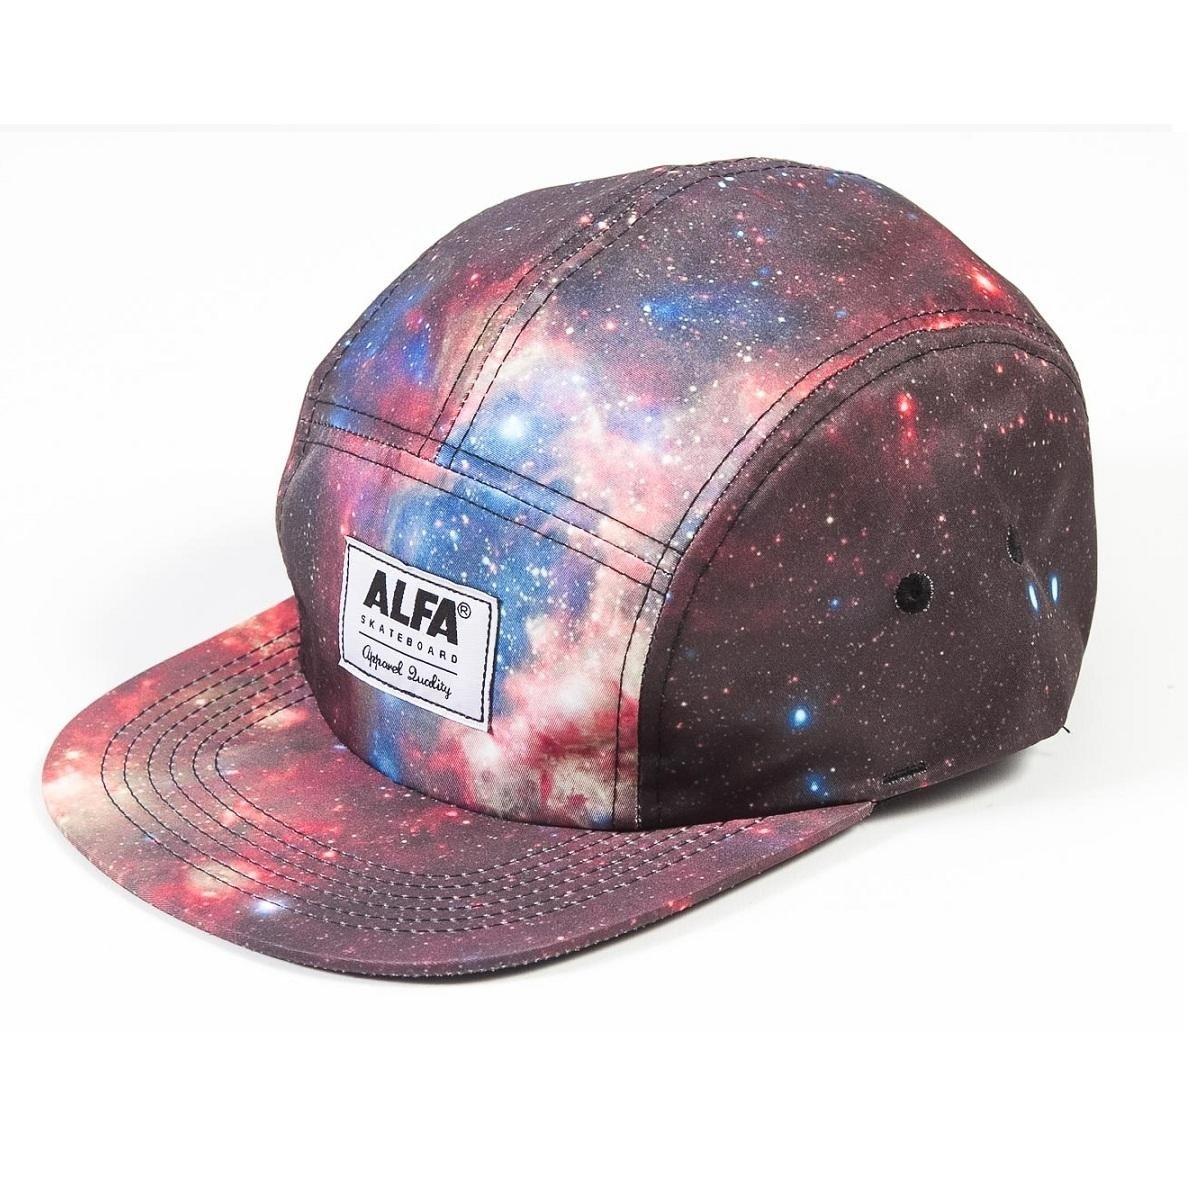 1a3d7eb0a5c00 Boné Alfa 5 Panel Galaxy - Compre Agora